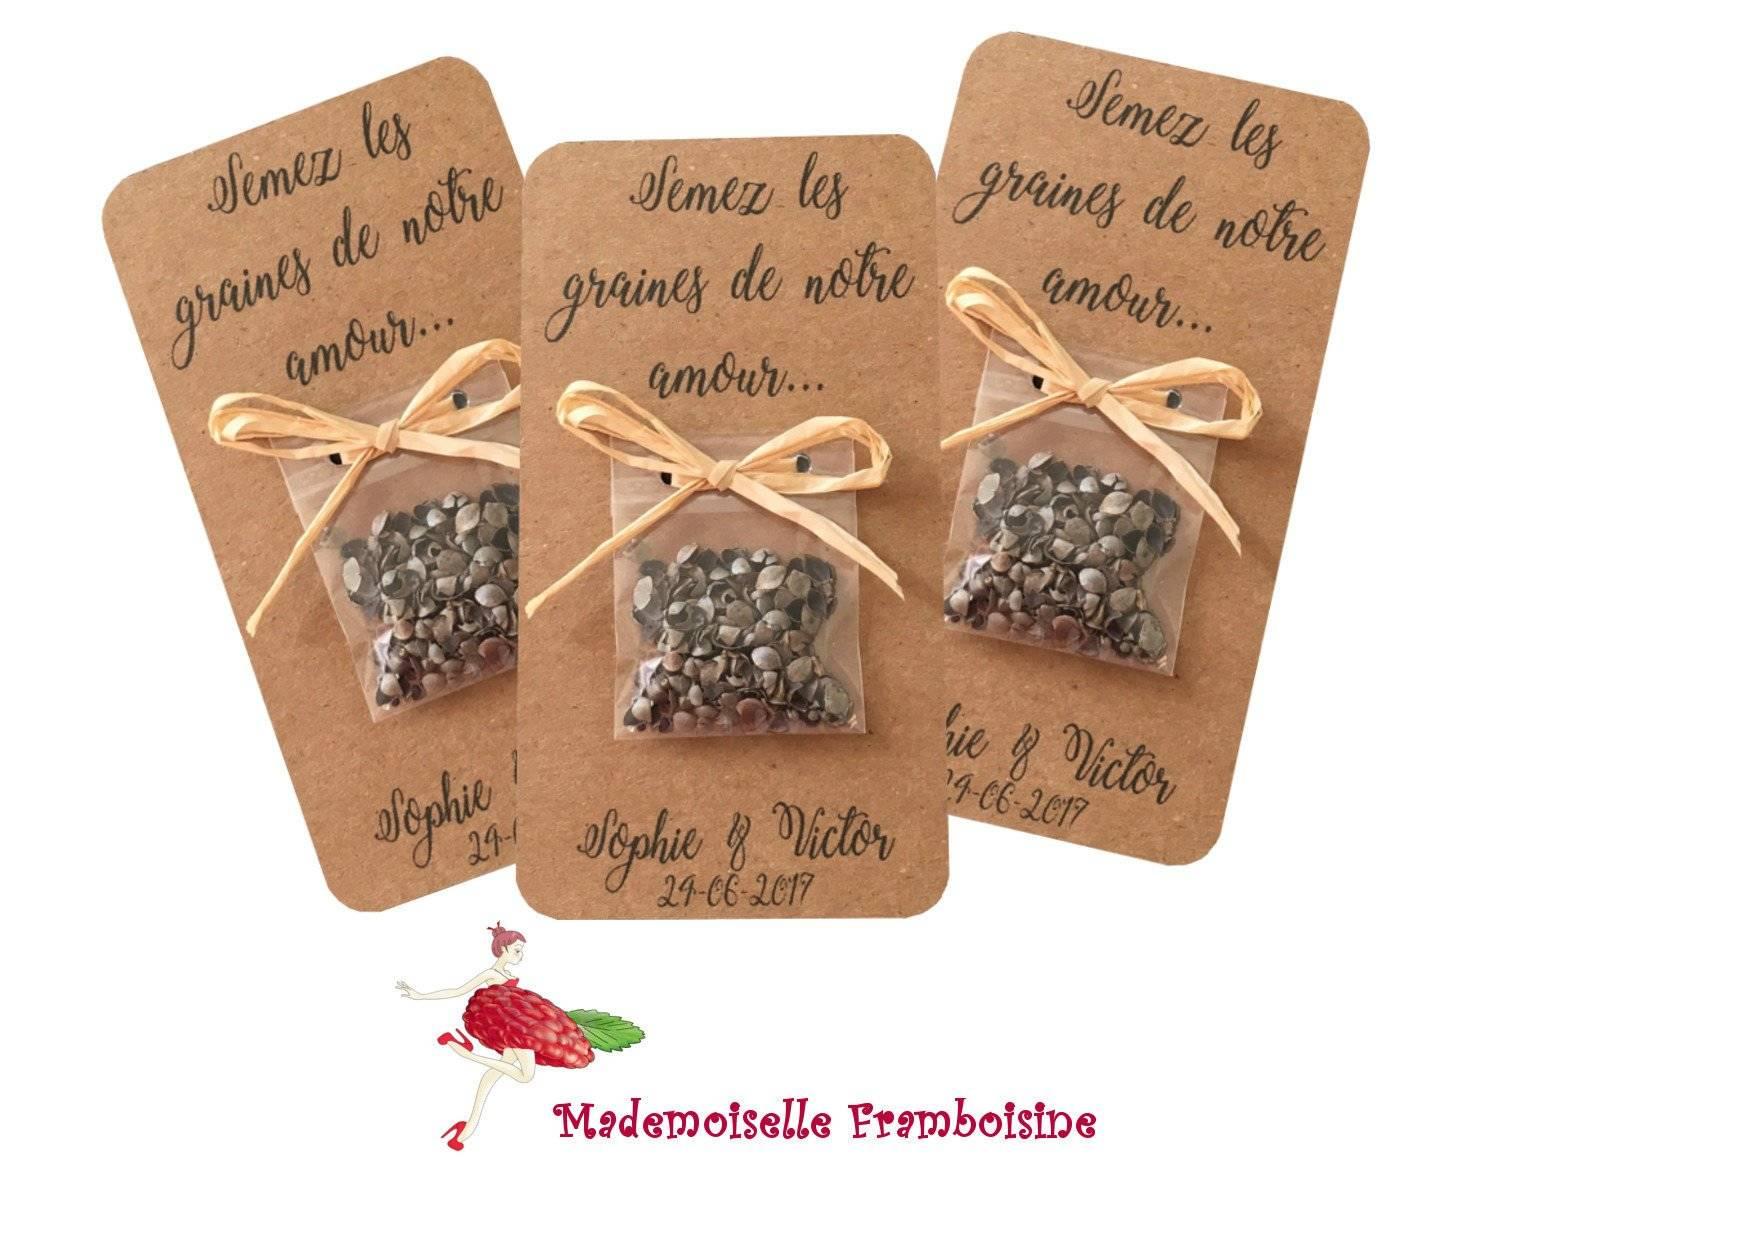 Carte sachet de graines, Mariage nature, raphia, champêtre cadeaux invités, personnalisable, semez les graines de notre amour